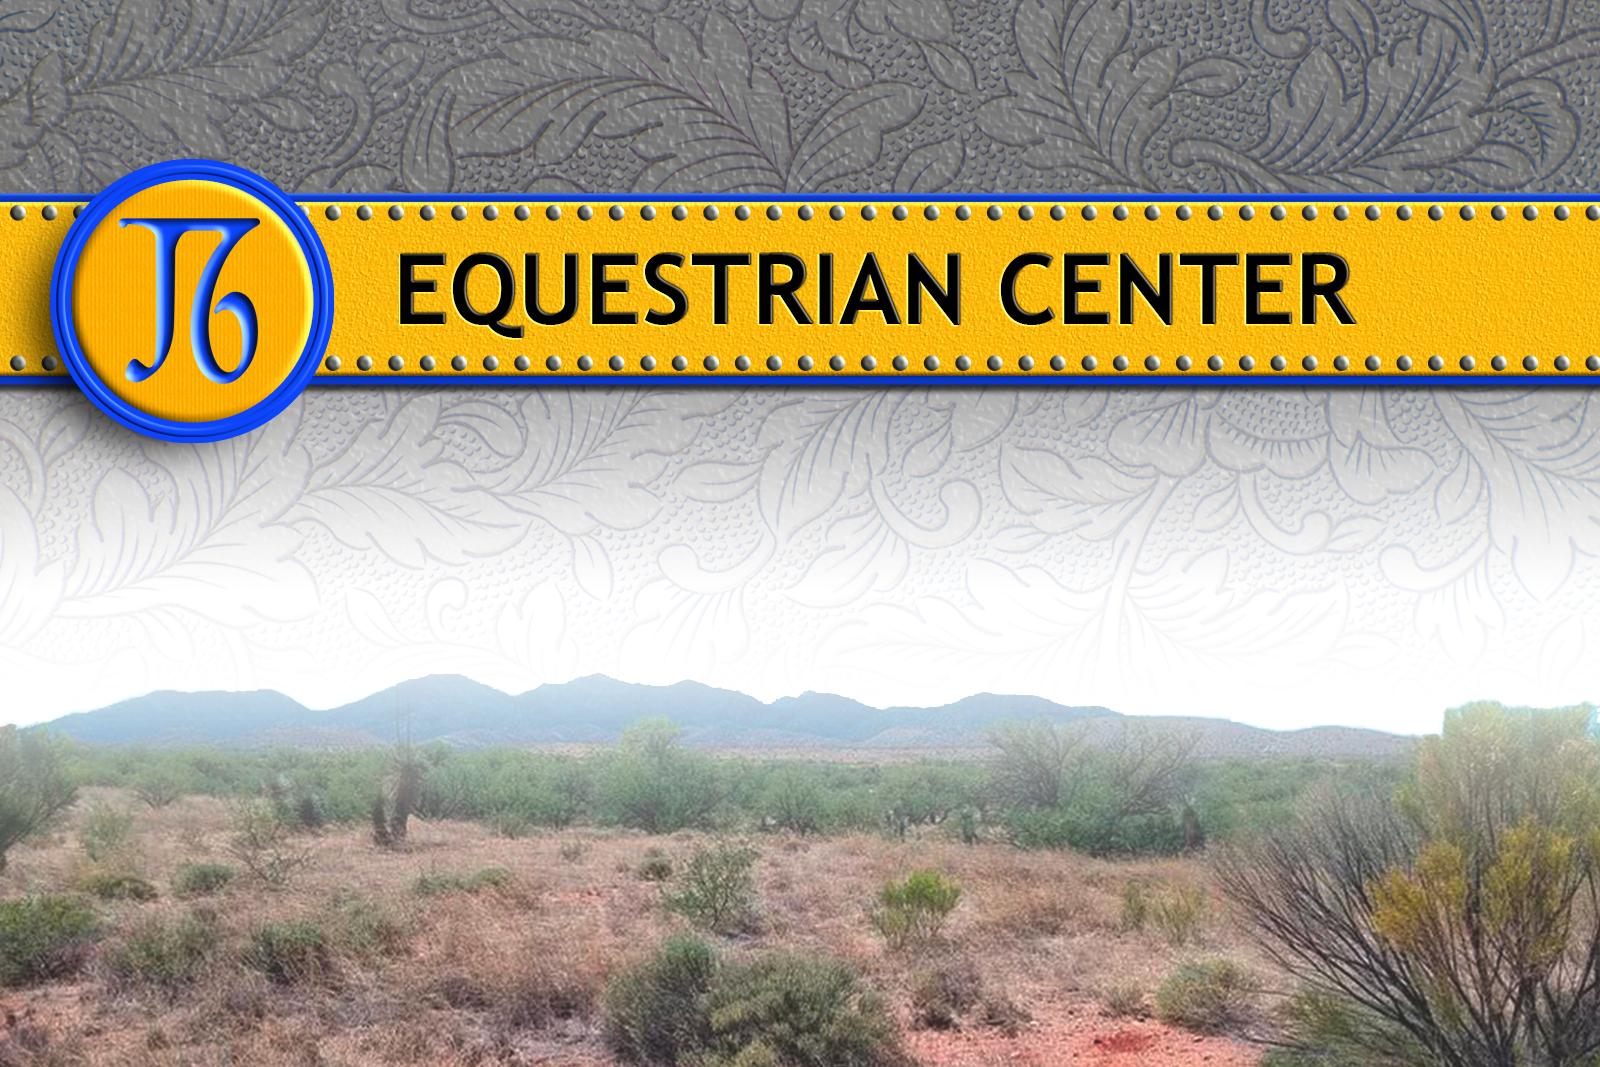 J6 Equestrian Center